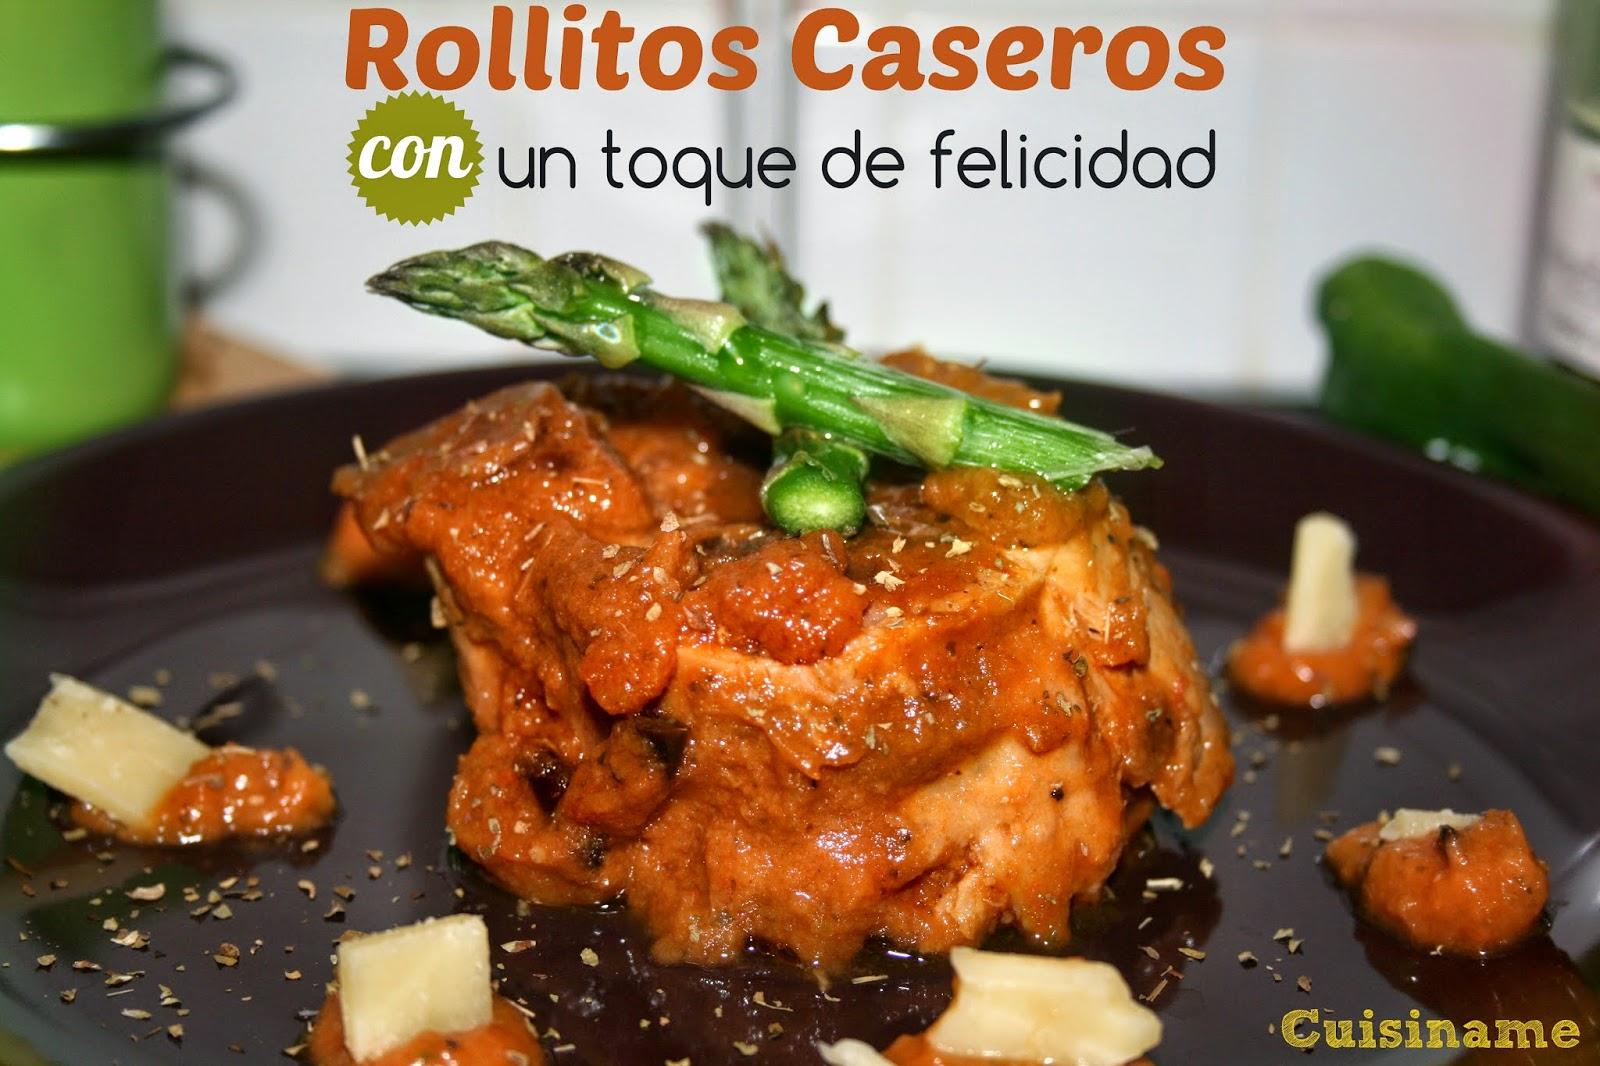 carne, rollitos de solomillo, rollitos de carne, recetas de carne, espárragos trigueros, castañas, salsa, quesos, recetas originales,